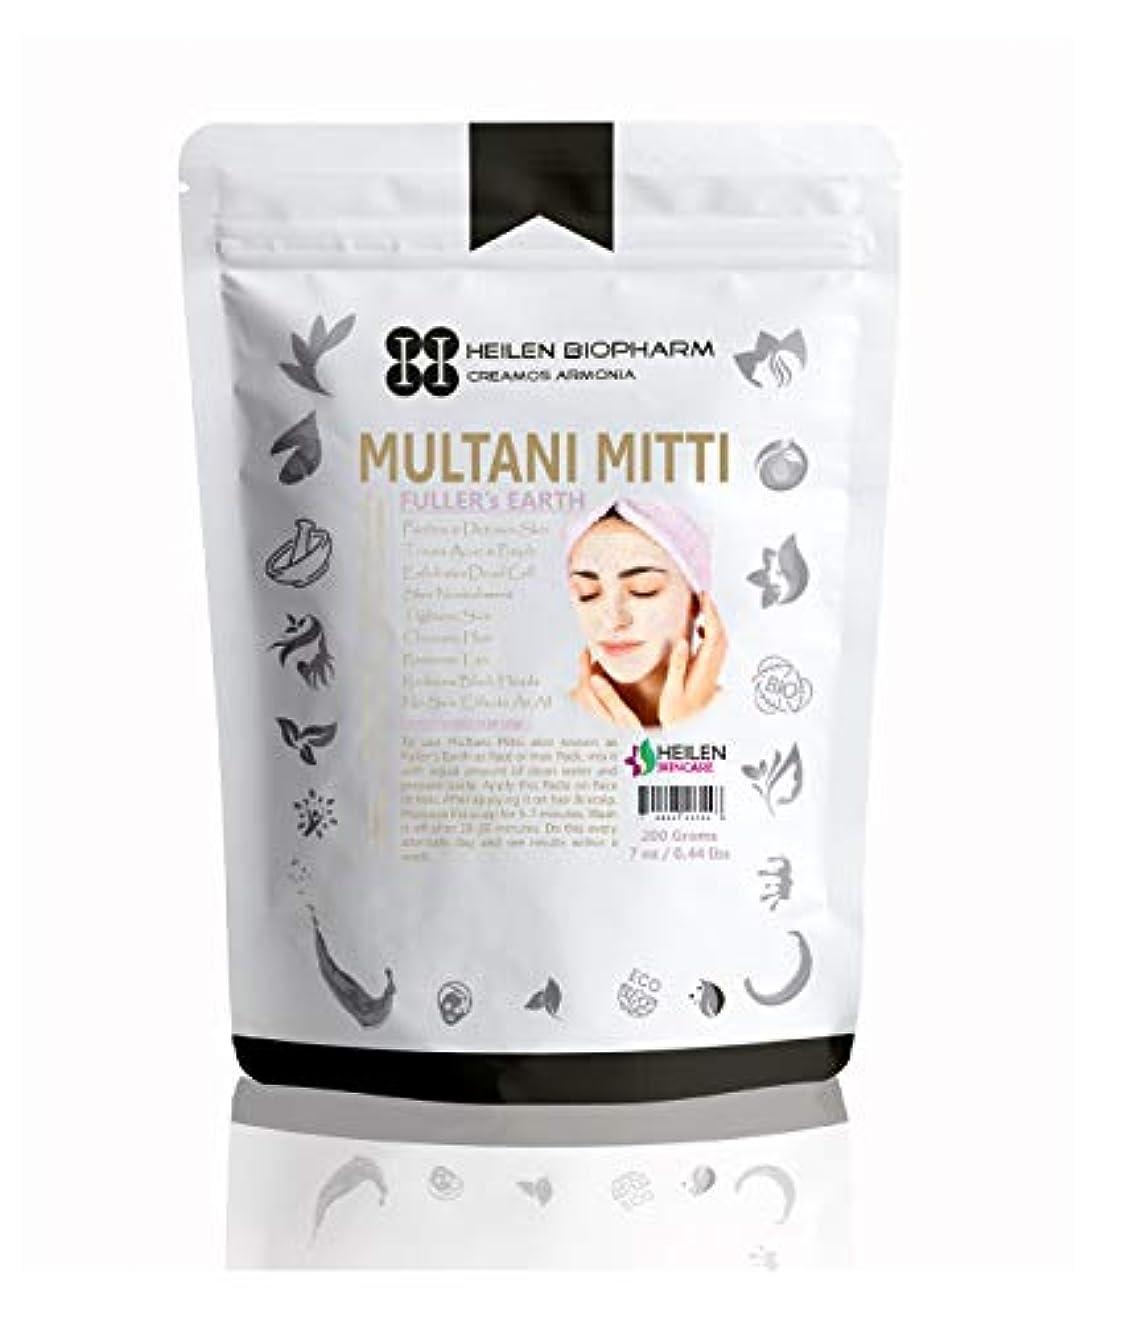 盆乳製品かなり顔のスキンとヘアパックのためのマルチニットミッティ(Multani mitti) (400 gm)